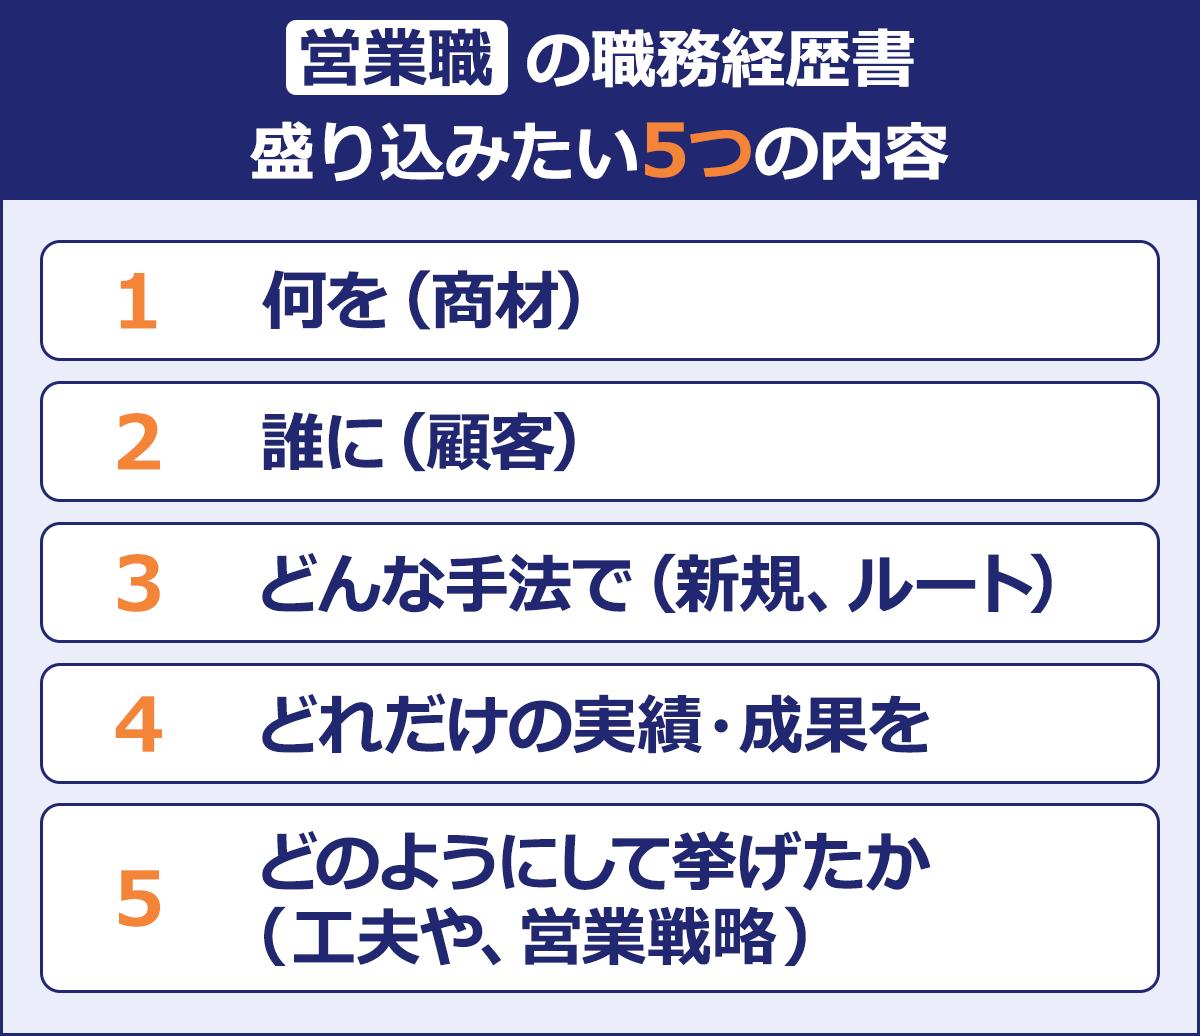 【営業職の職務経歴書 盛り込みたい5つの内容】 (1)何を (2)誰に(顧客) (3)どんな手法で(新規、ルート) (4)どれだけの実績・成果を (5)どのようにして挙げたか(工夫や、営業戦略)